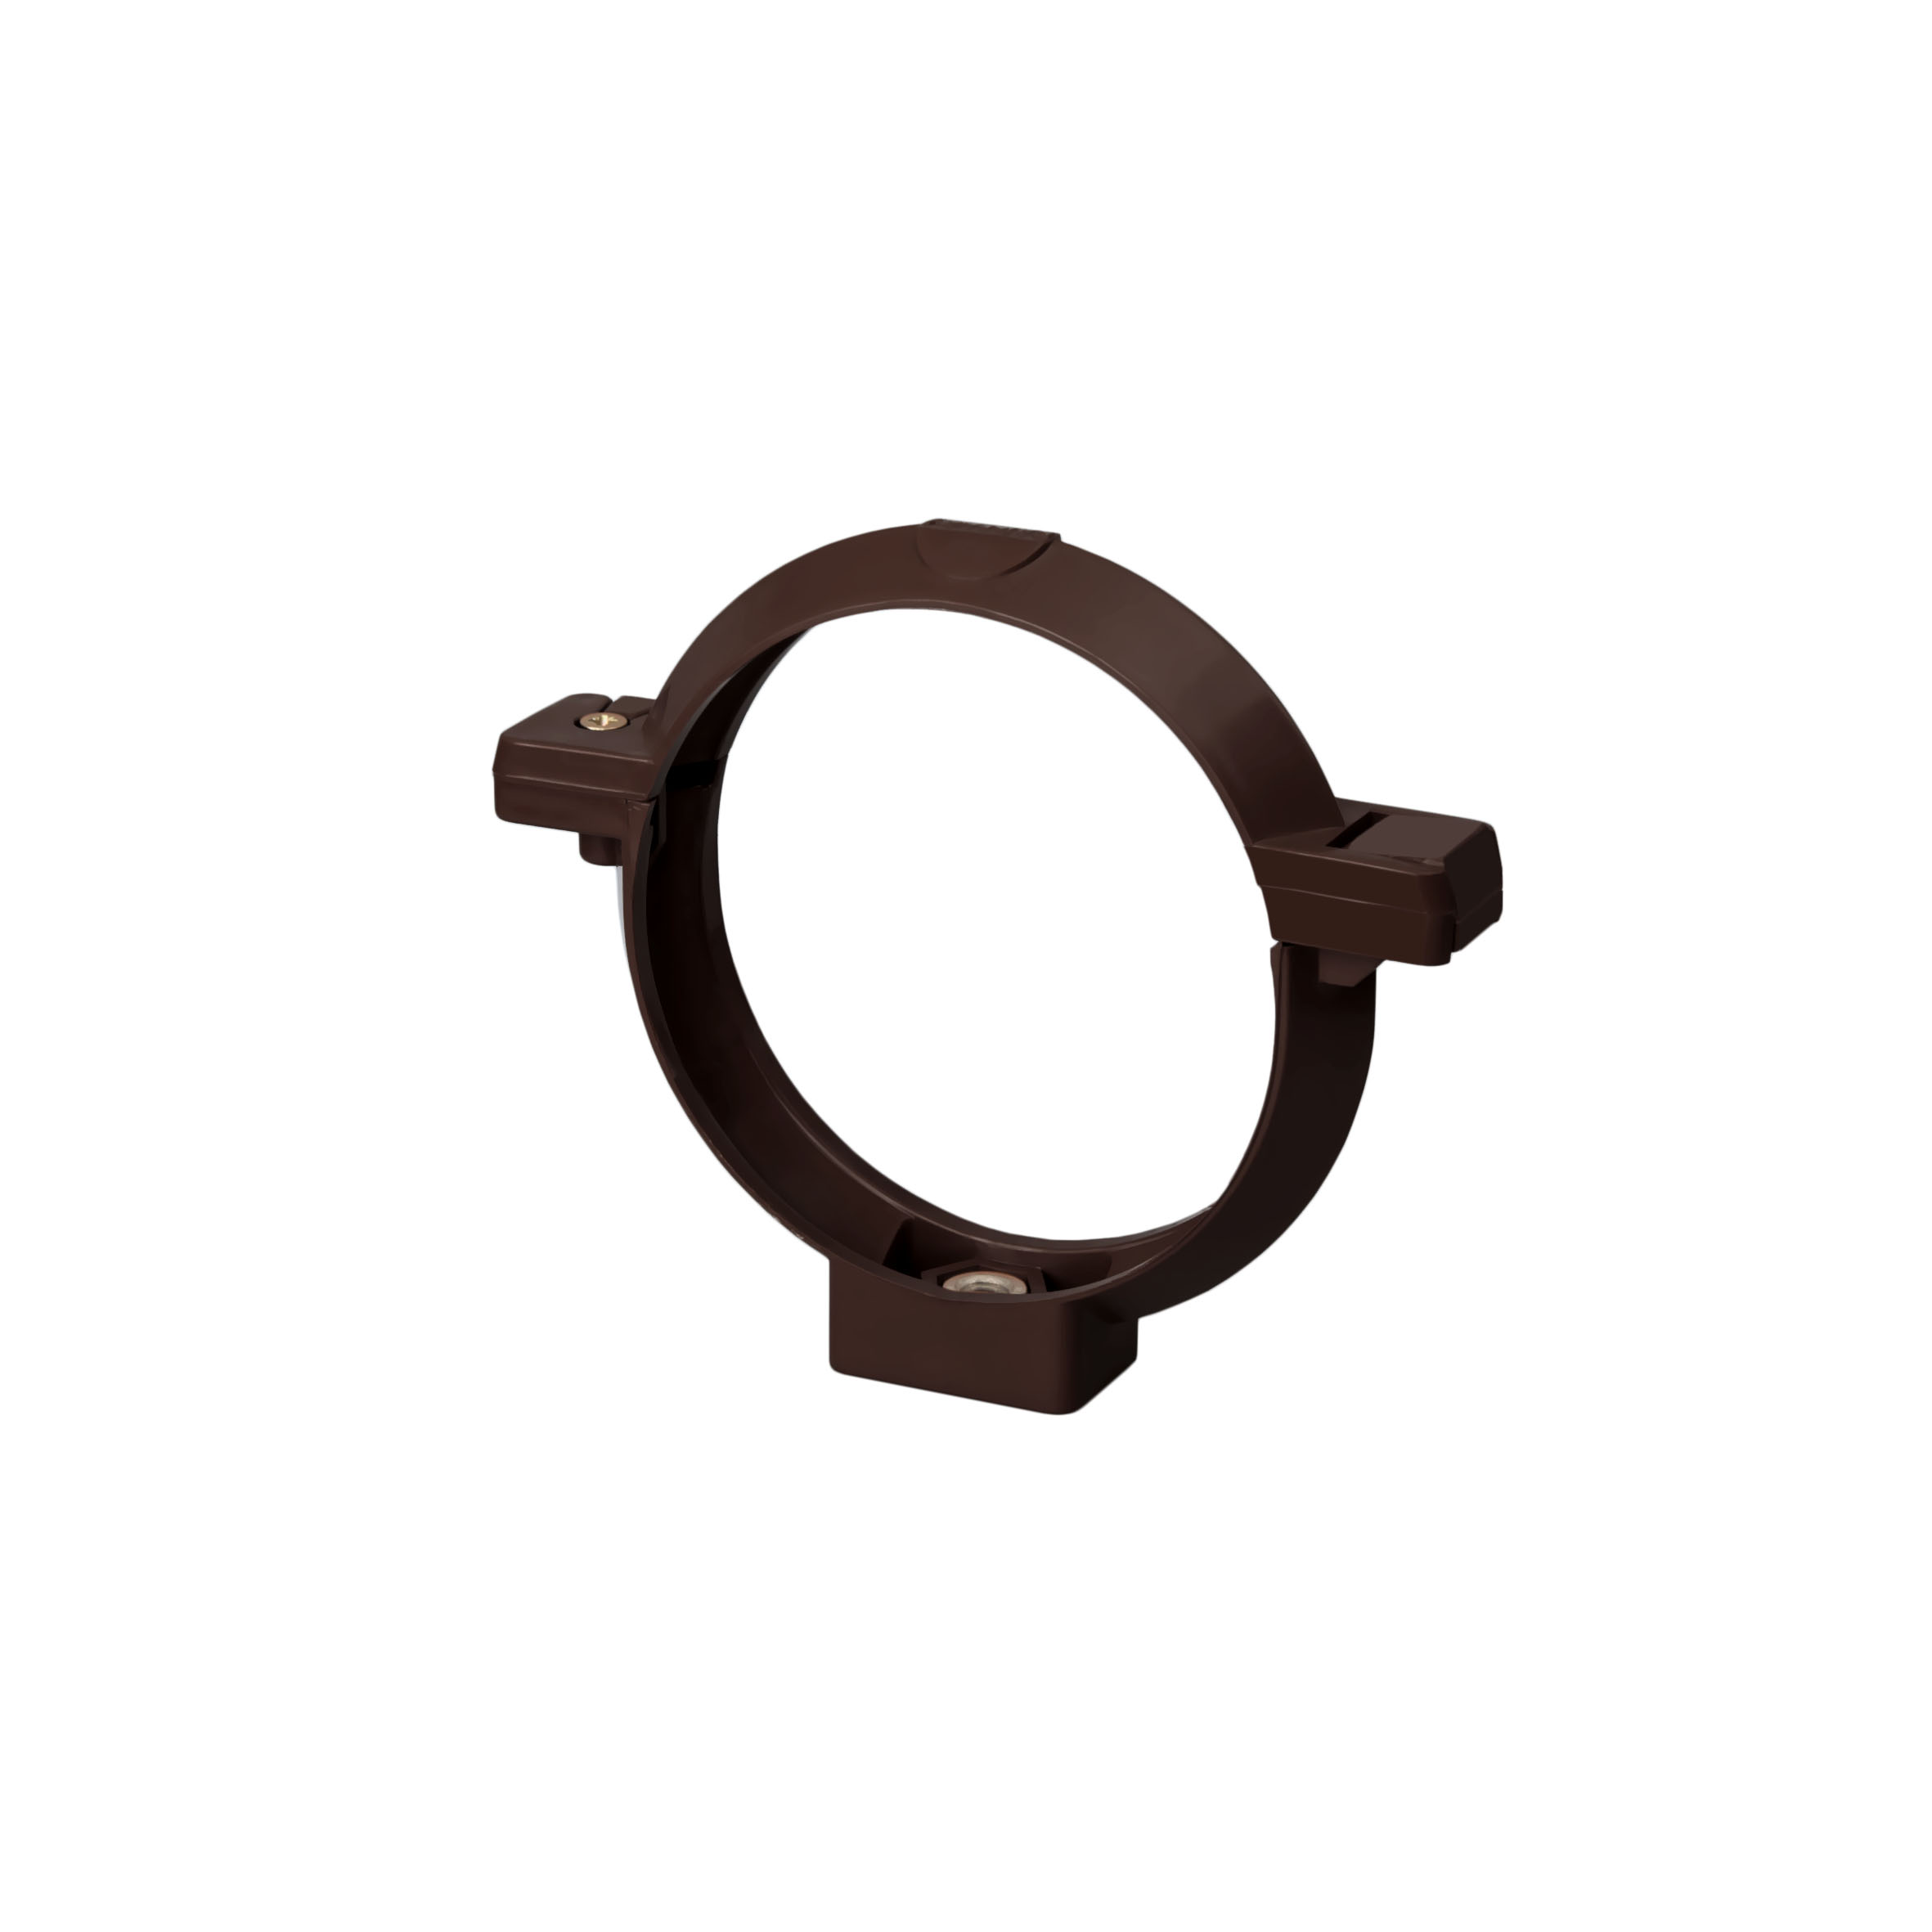 Хомут труби, коричневий 100мм/Ø RainWay